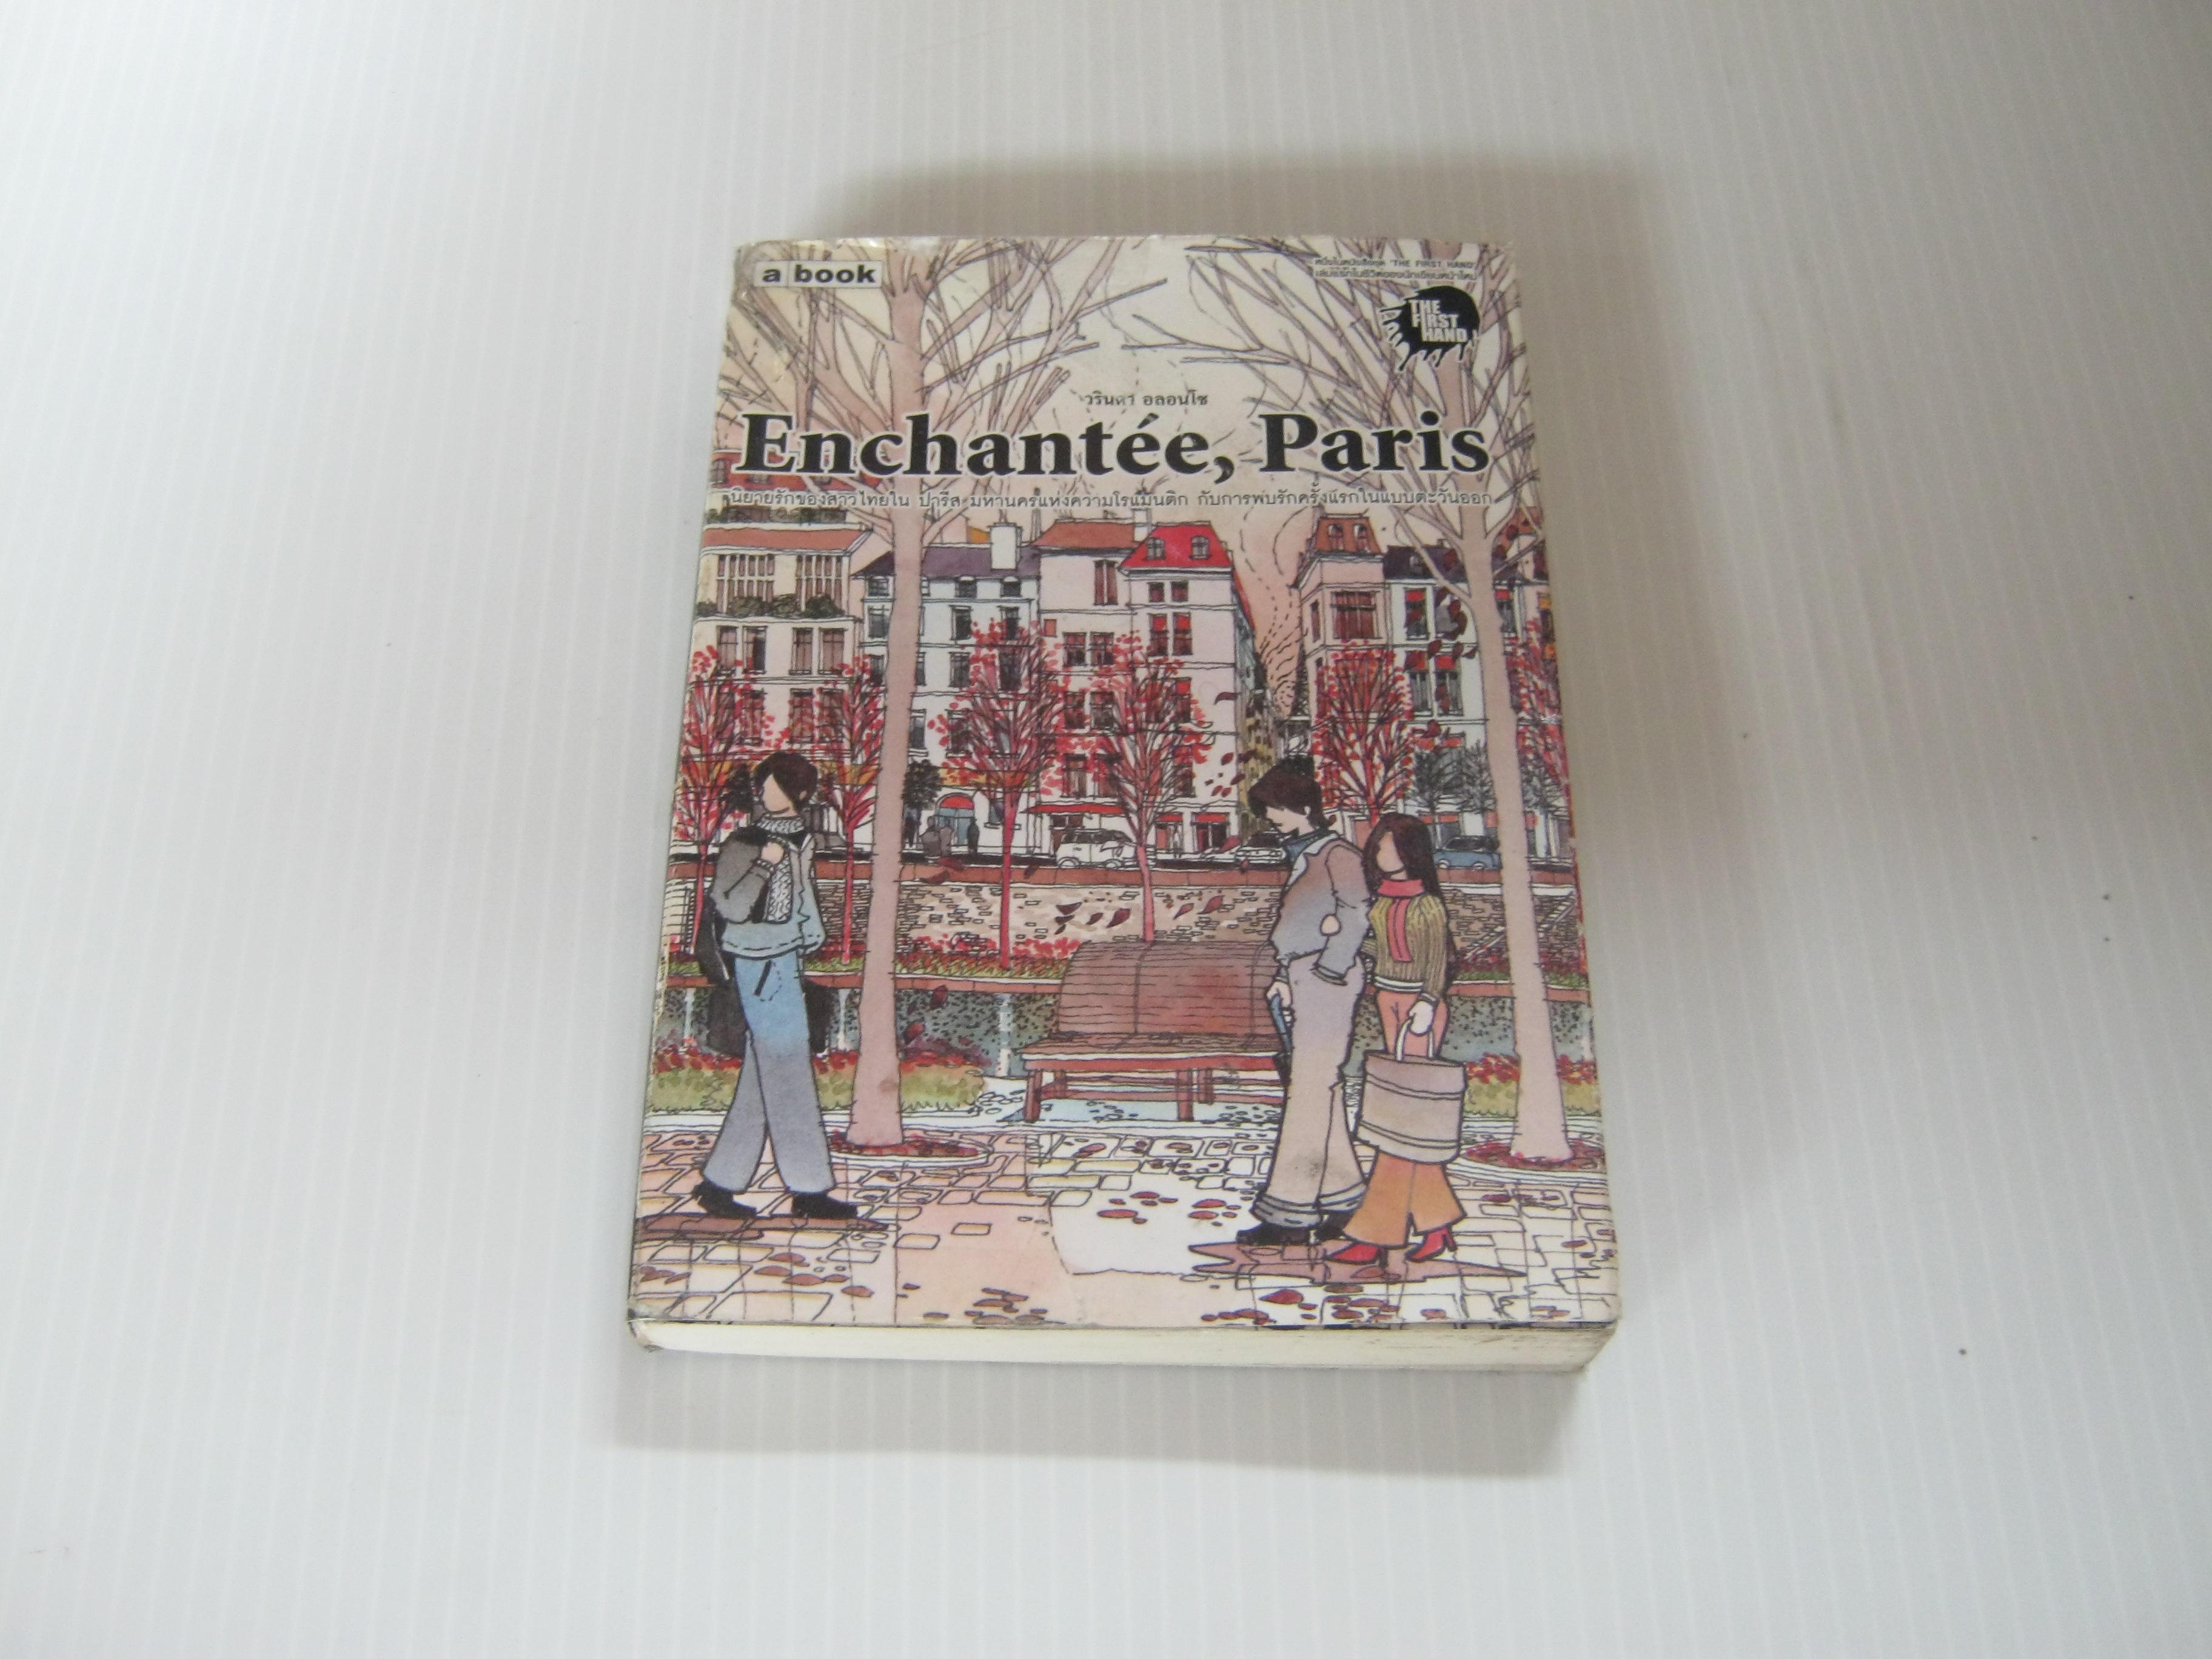 Enchantee, Paris วรินดา อลอนโซ เขียน